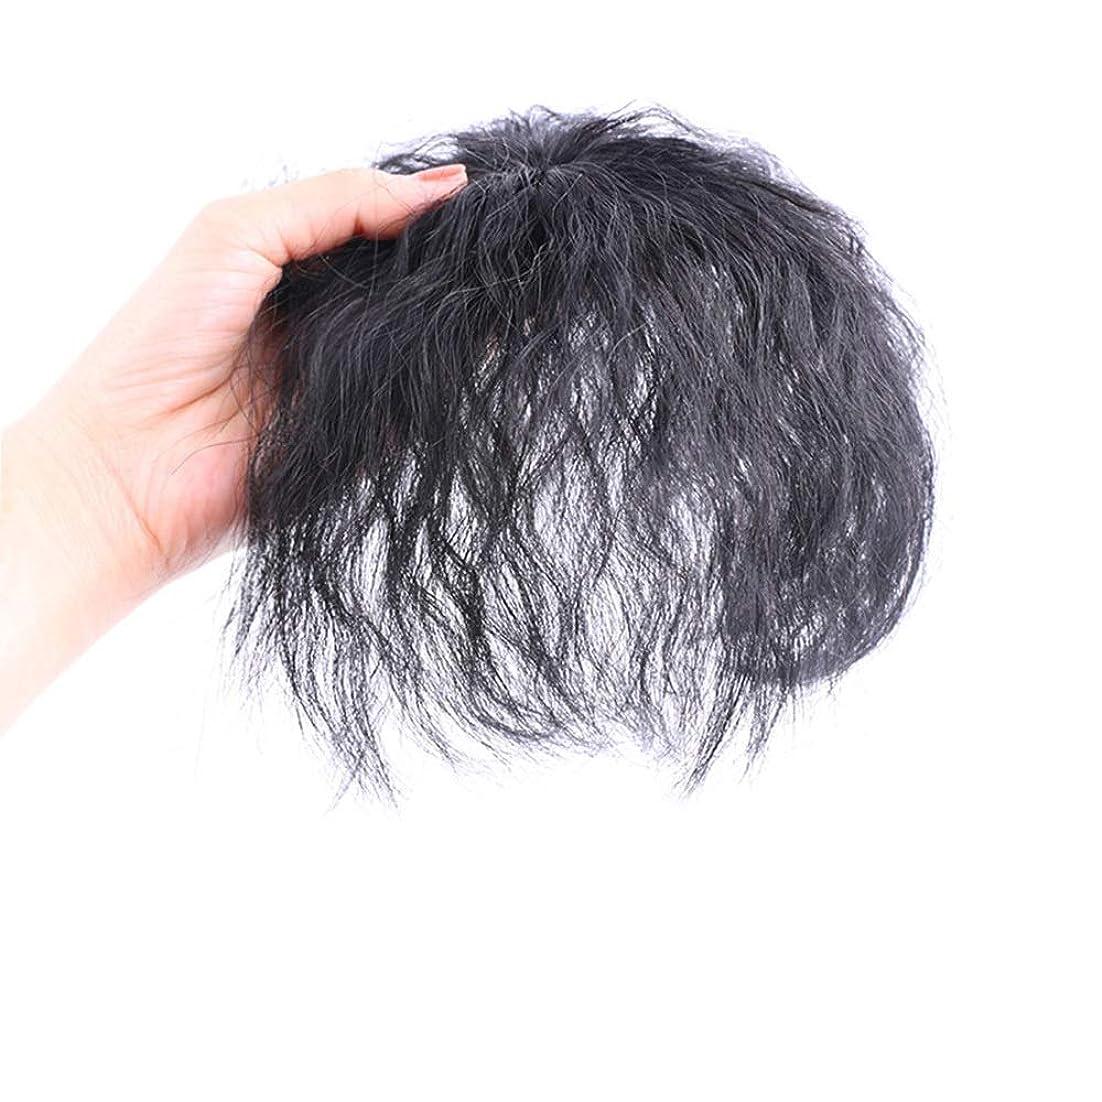 スプレー長椅子正確なYrattary ヘアエクステンションコーンの短い巻き毛の中年の母親のかつらパーティーのかつらでリアルヘアクリップ (Color : Natural black)